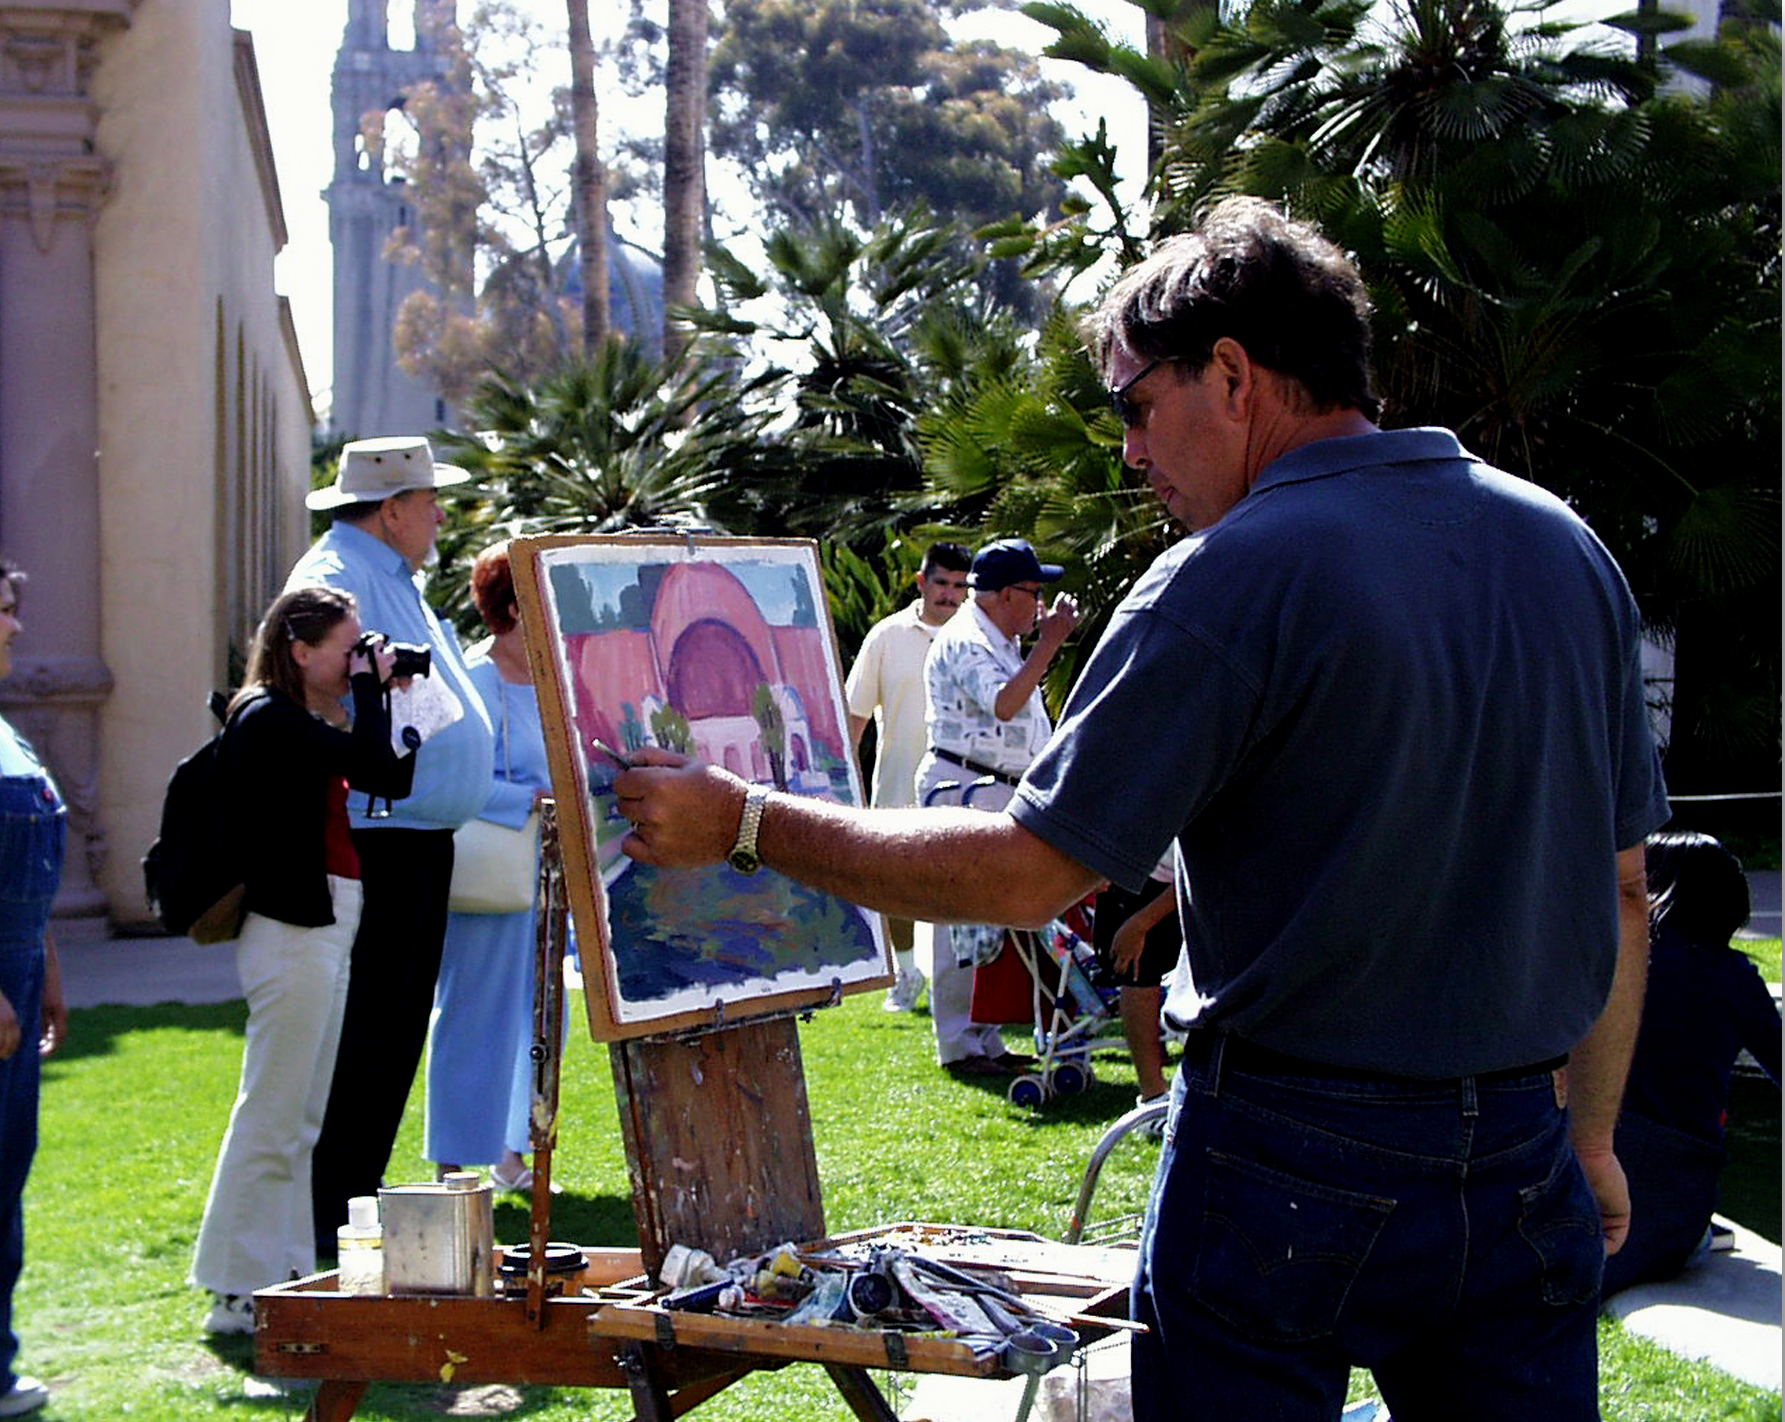 Artist in the Spanish Village - credit Joanne DiBona.jpg